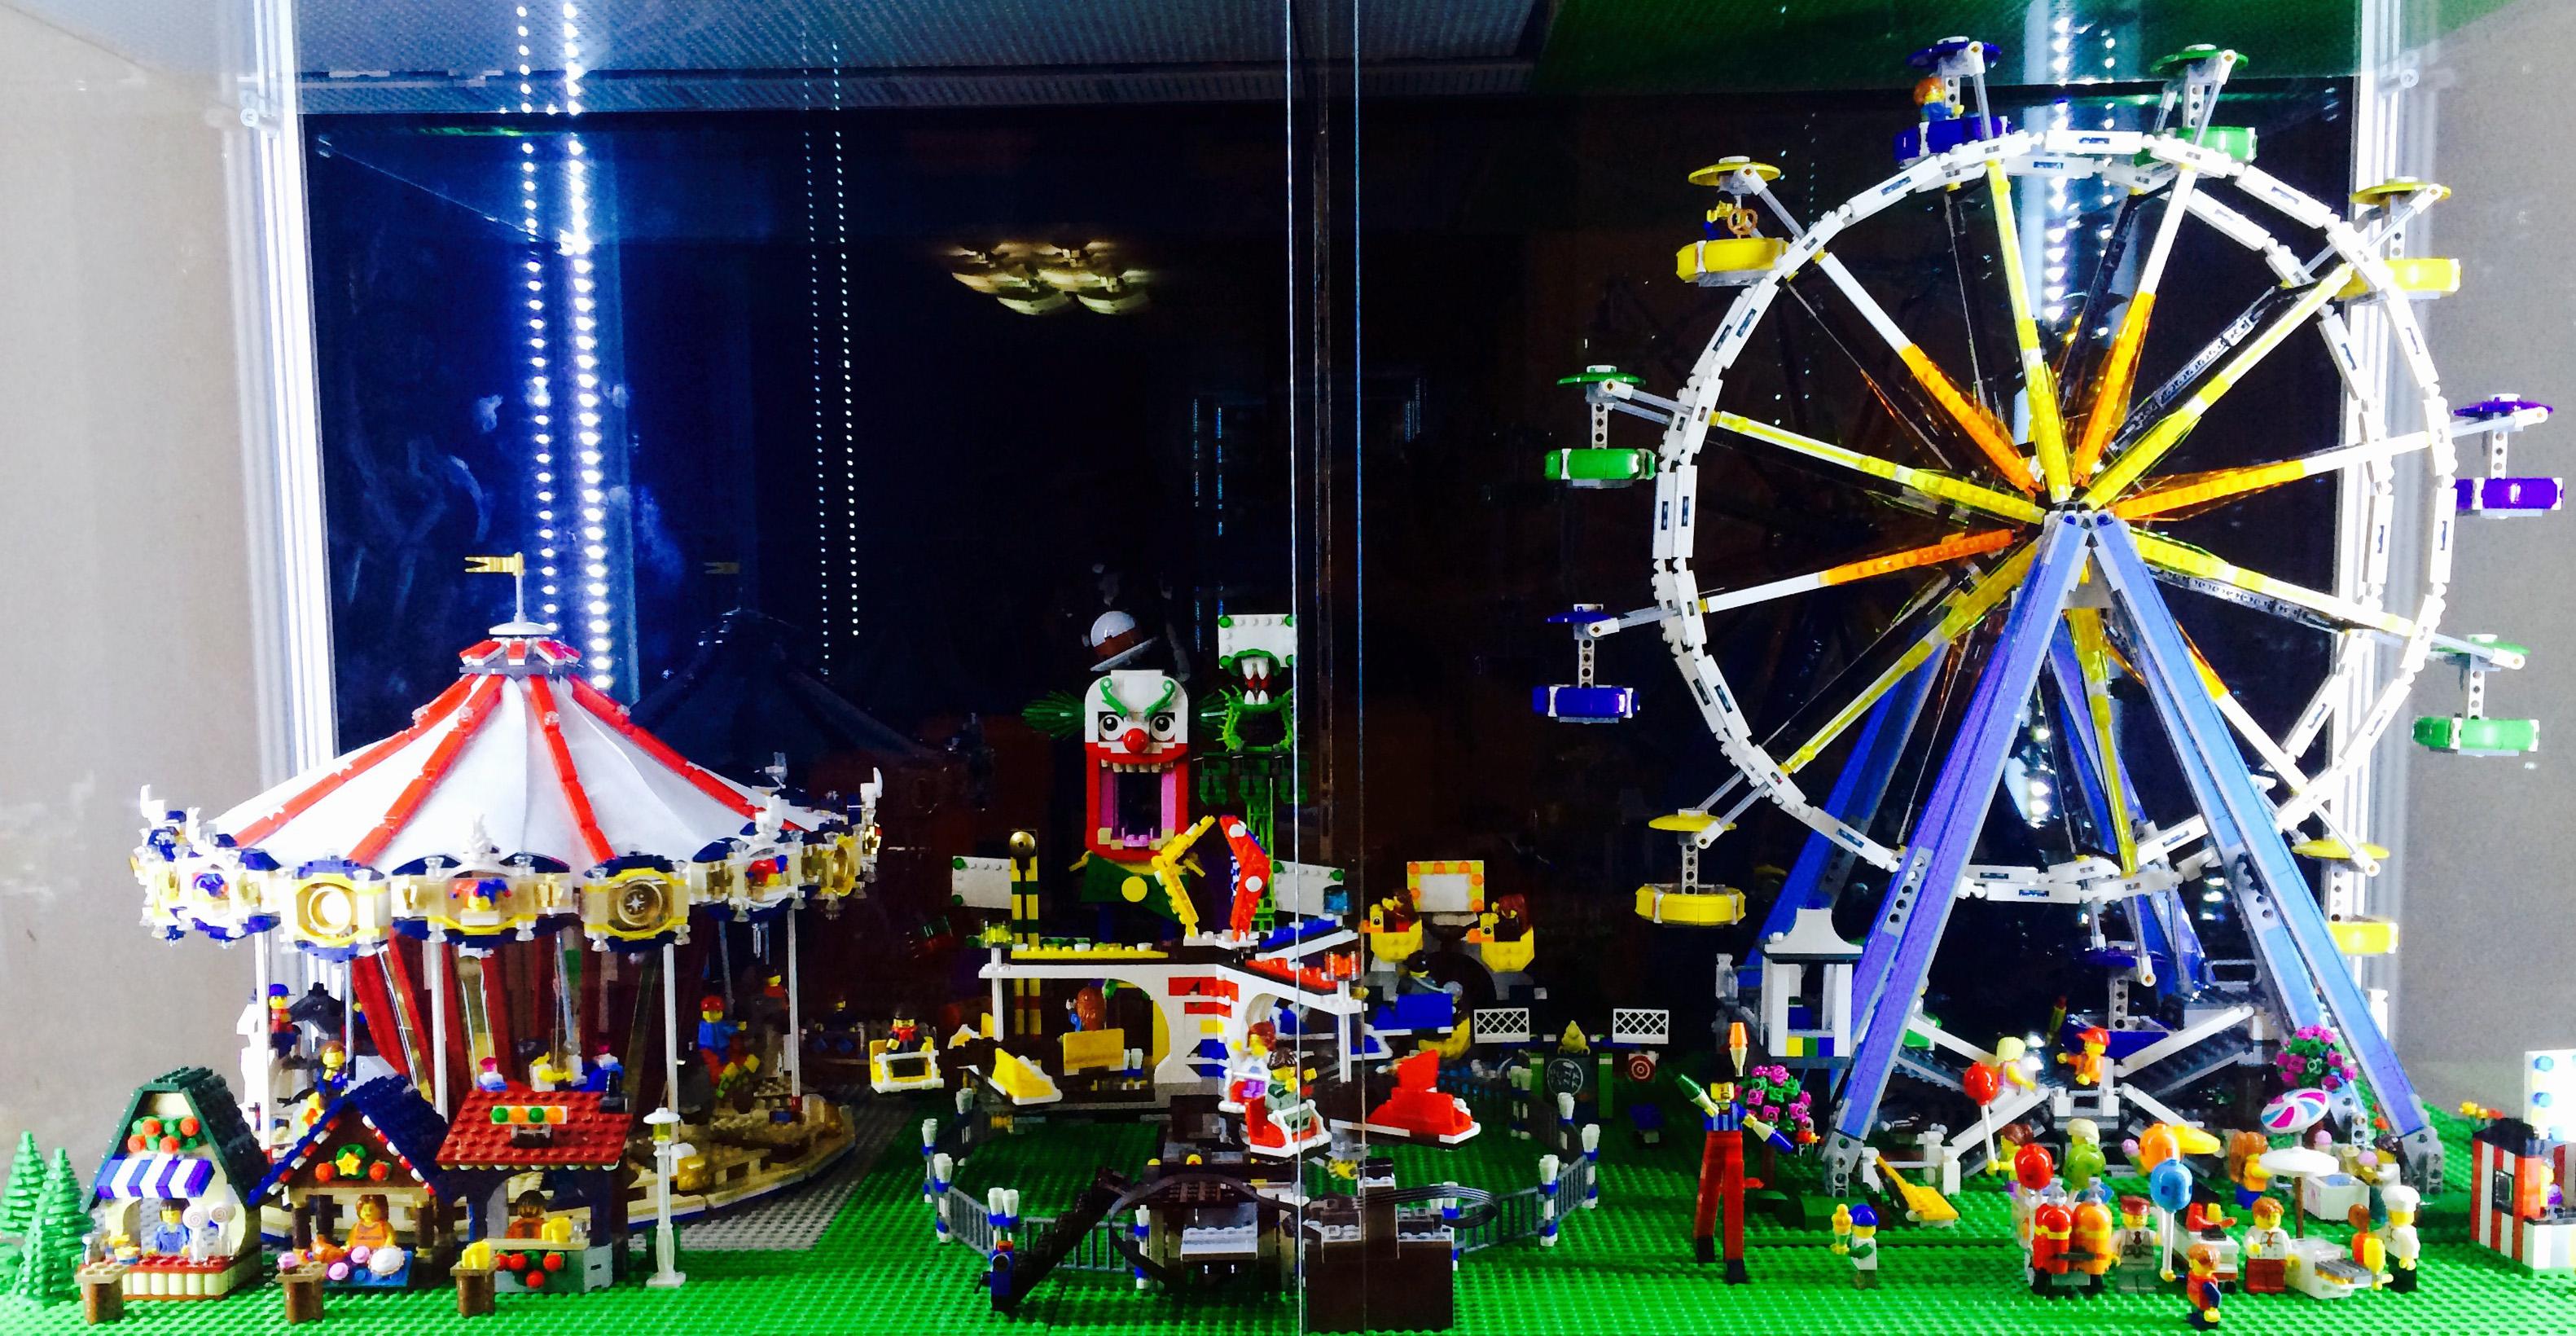 레고 놀이동산을 꾸며봤습니다. ^^